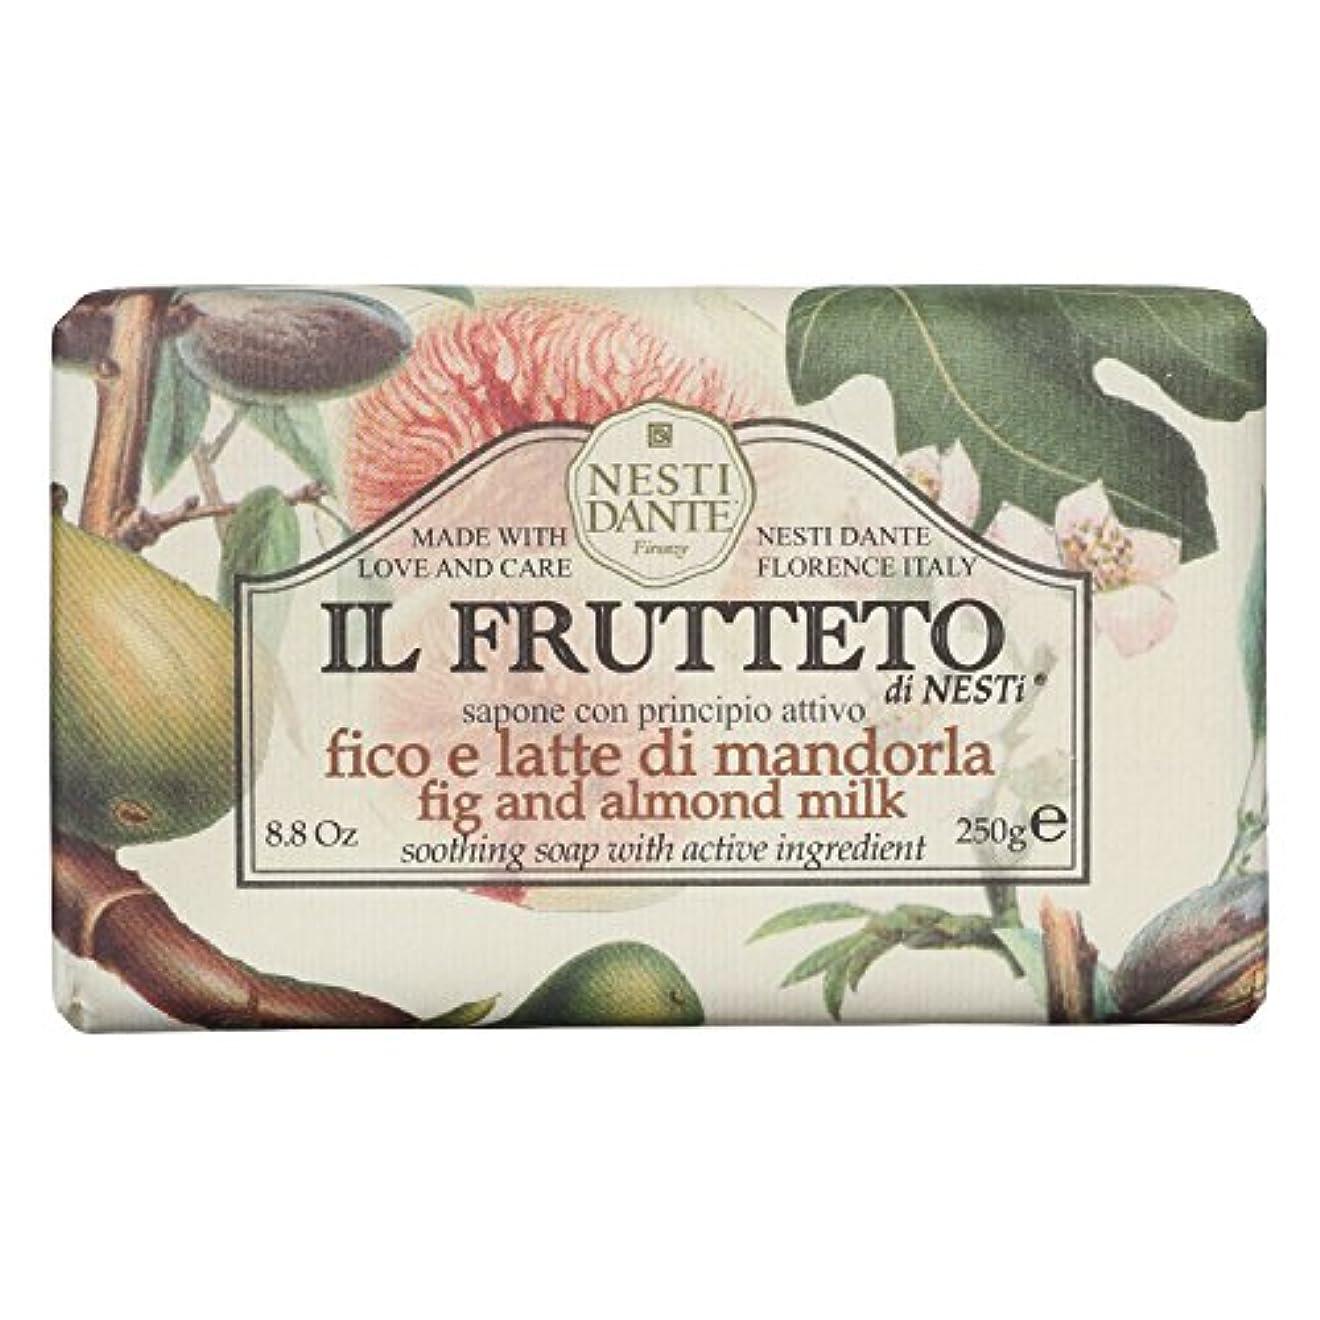 販売計画薬剤師クルーネスティダンテ (Nesti Dante) フルッテートソープ フィグ&アーモンドミルク 250g